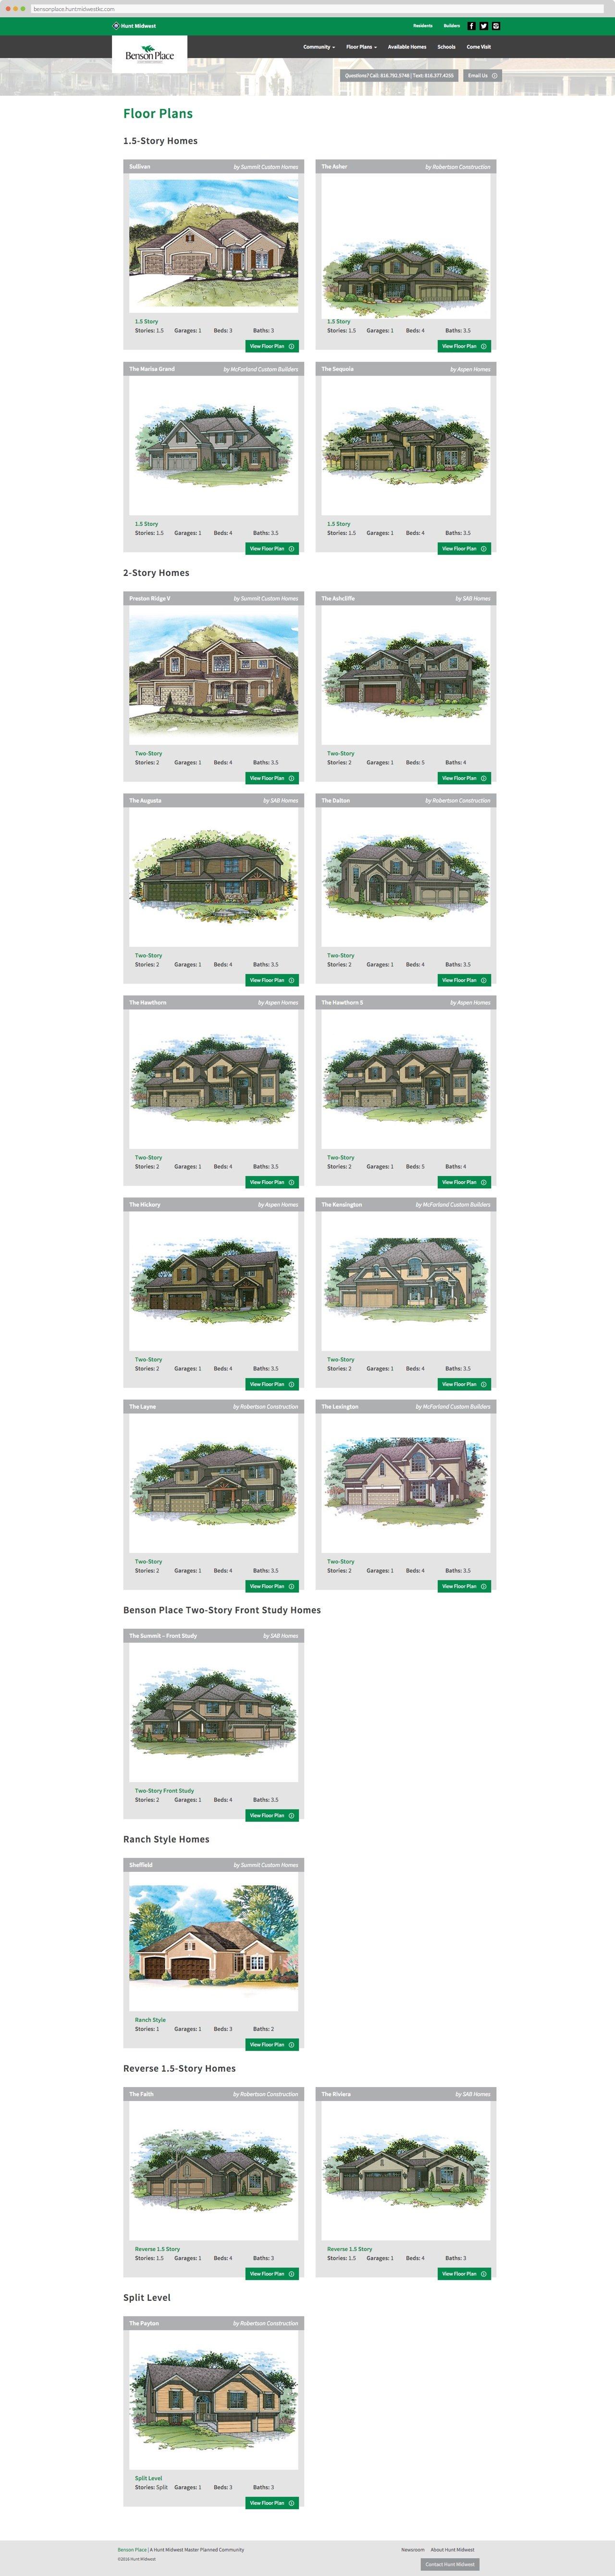 Hunt Midwest Residential Neighborhood Floor Plans